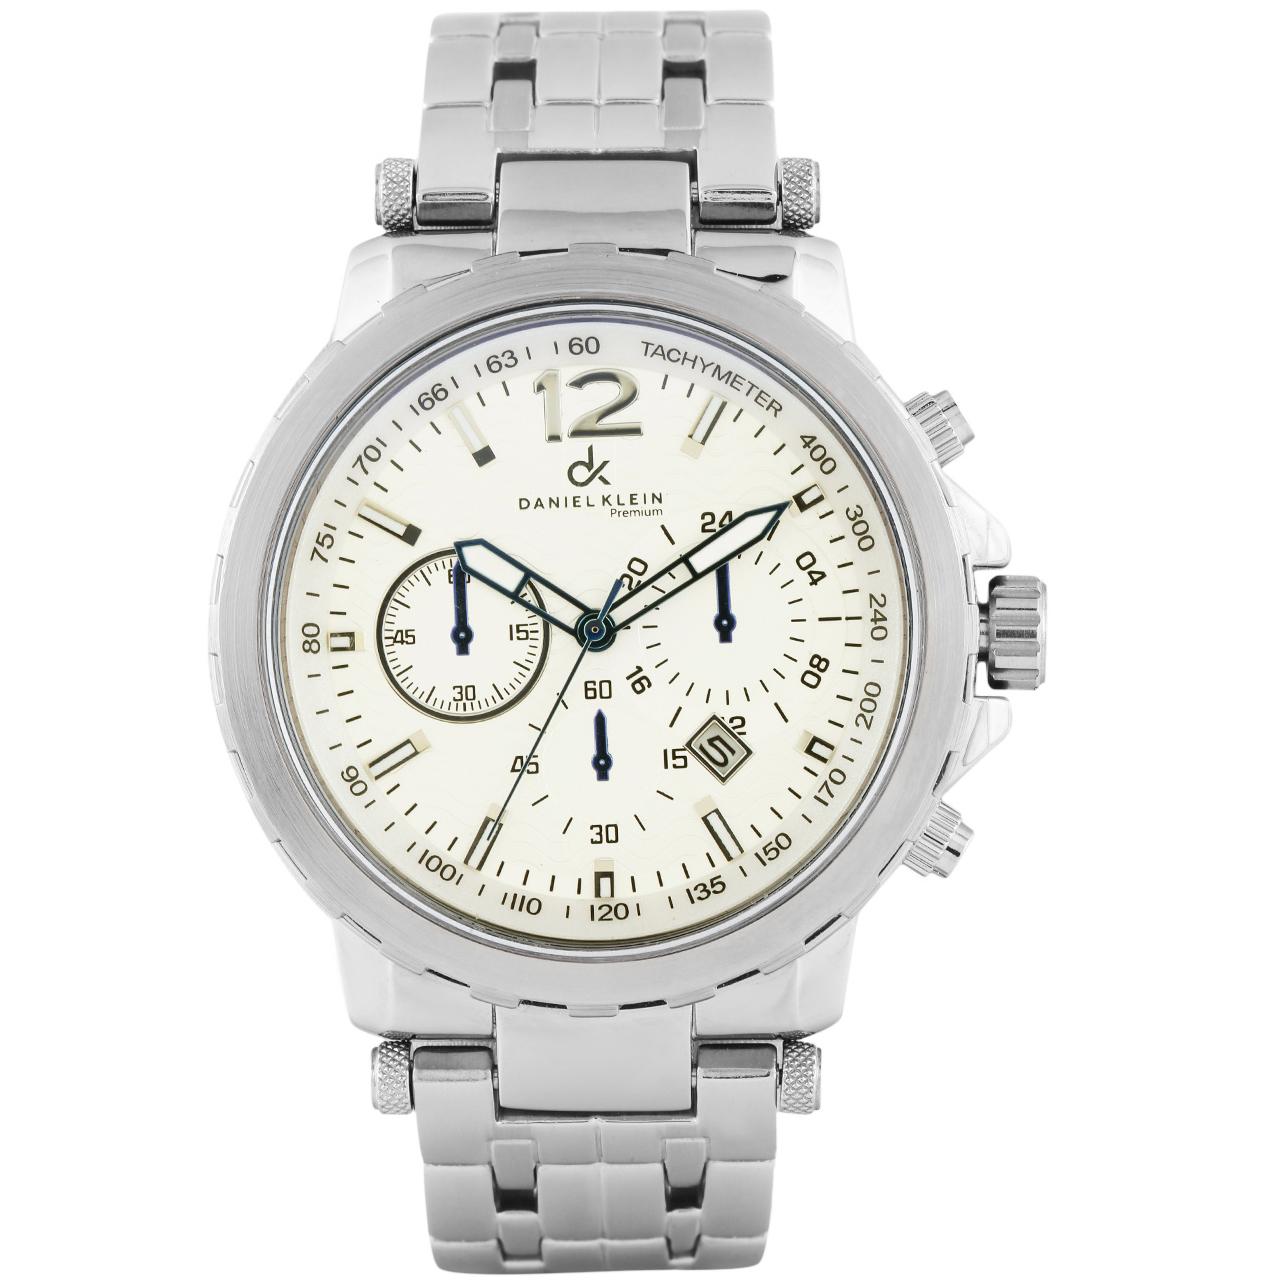 ساعت مچی عقربه ای مردانه دنیل کلین مدل Premium DK10236-4 50